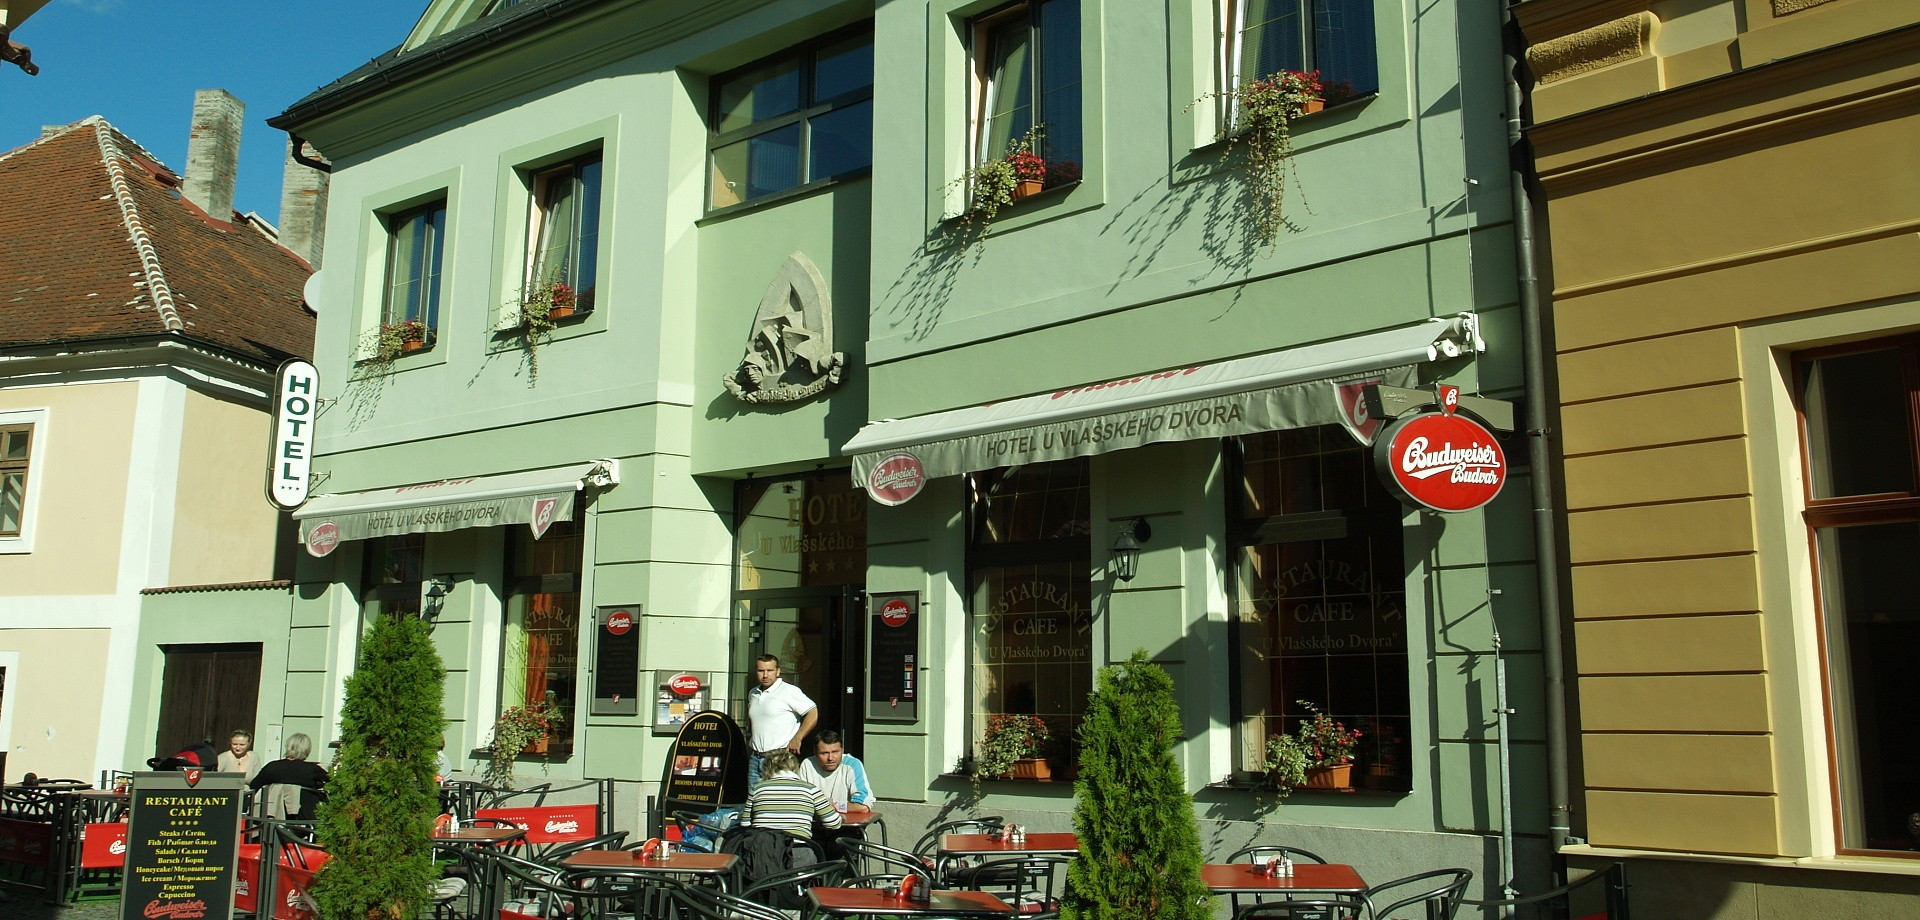 Hotel U Vlašského dvora (1)